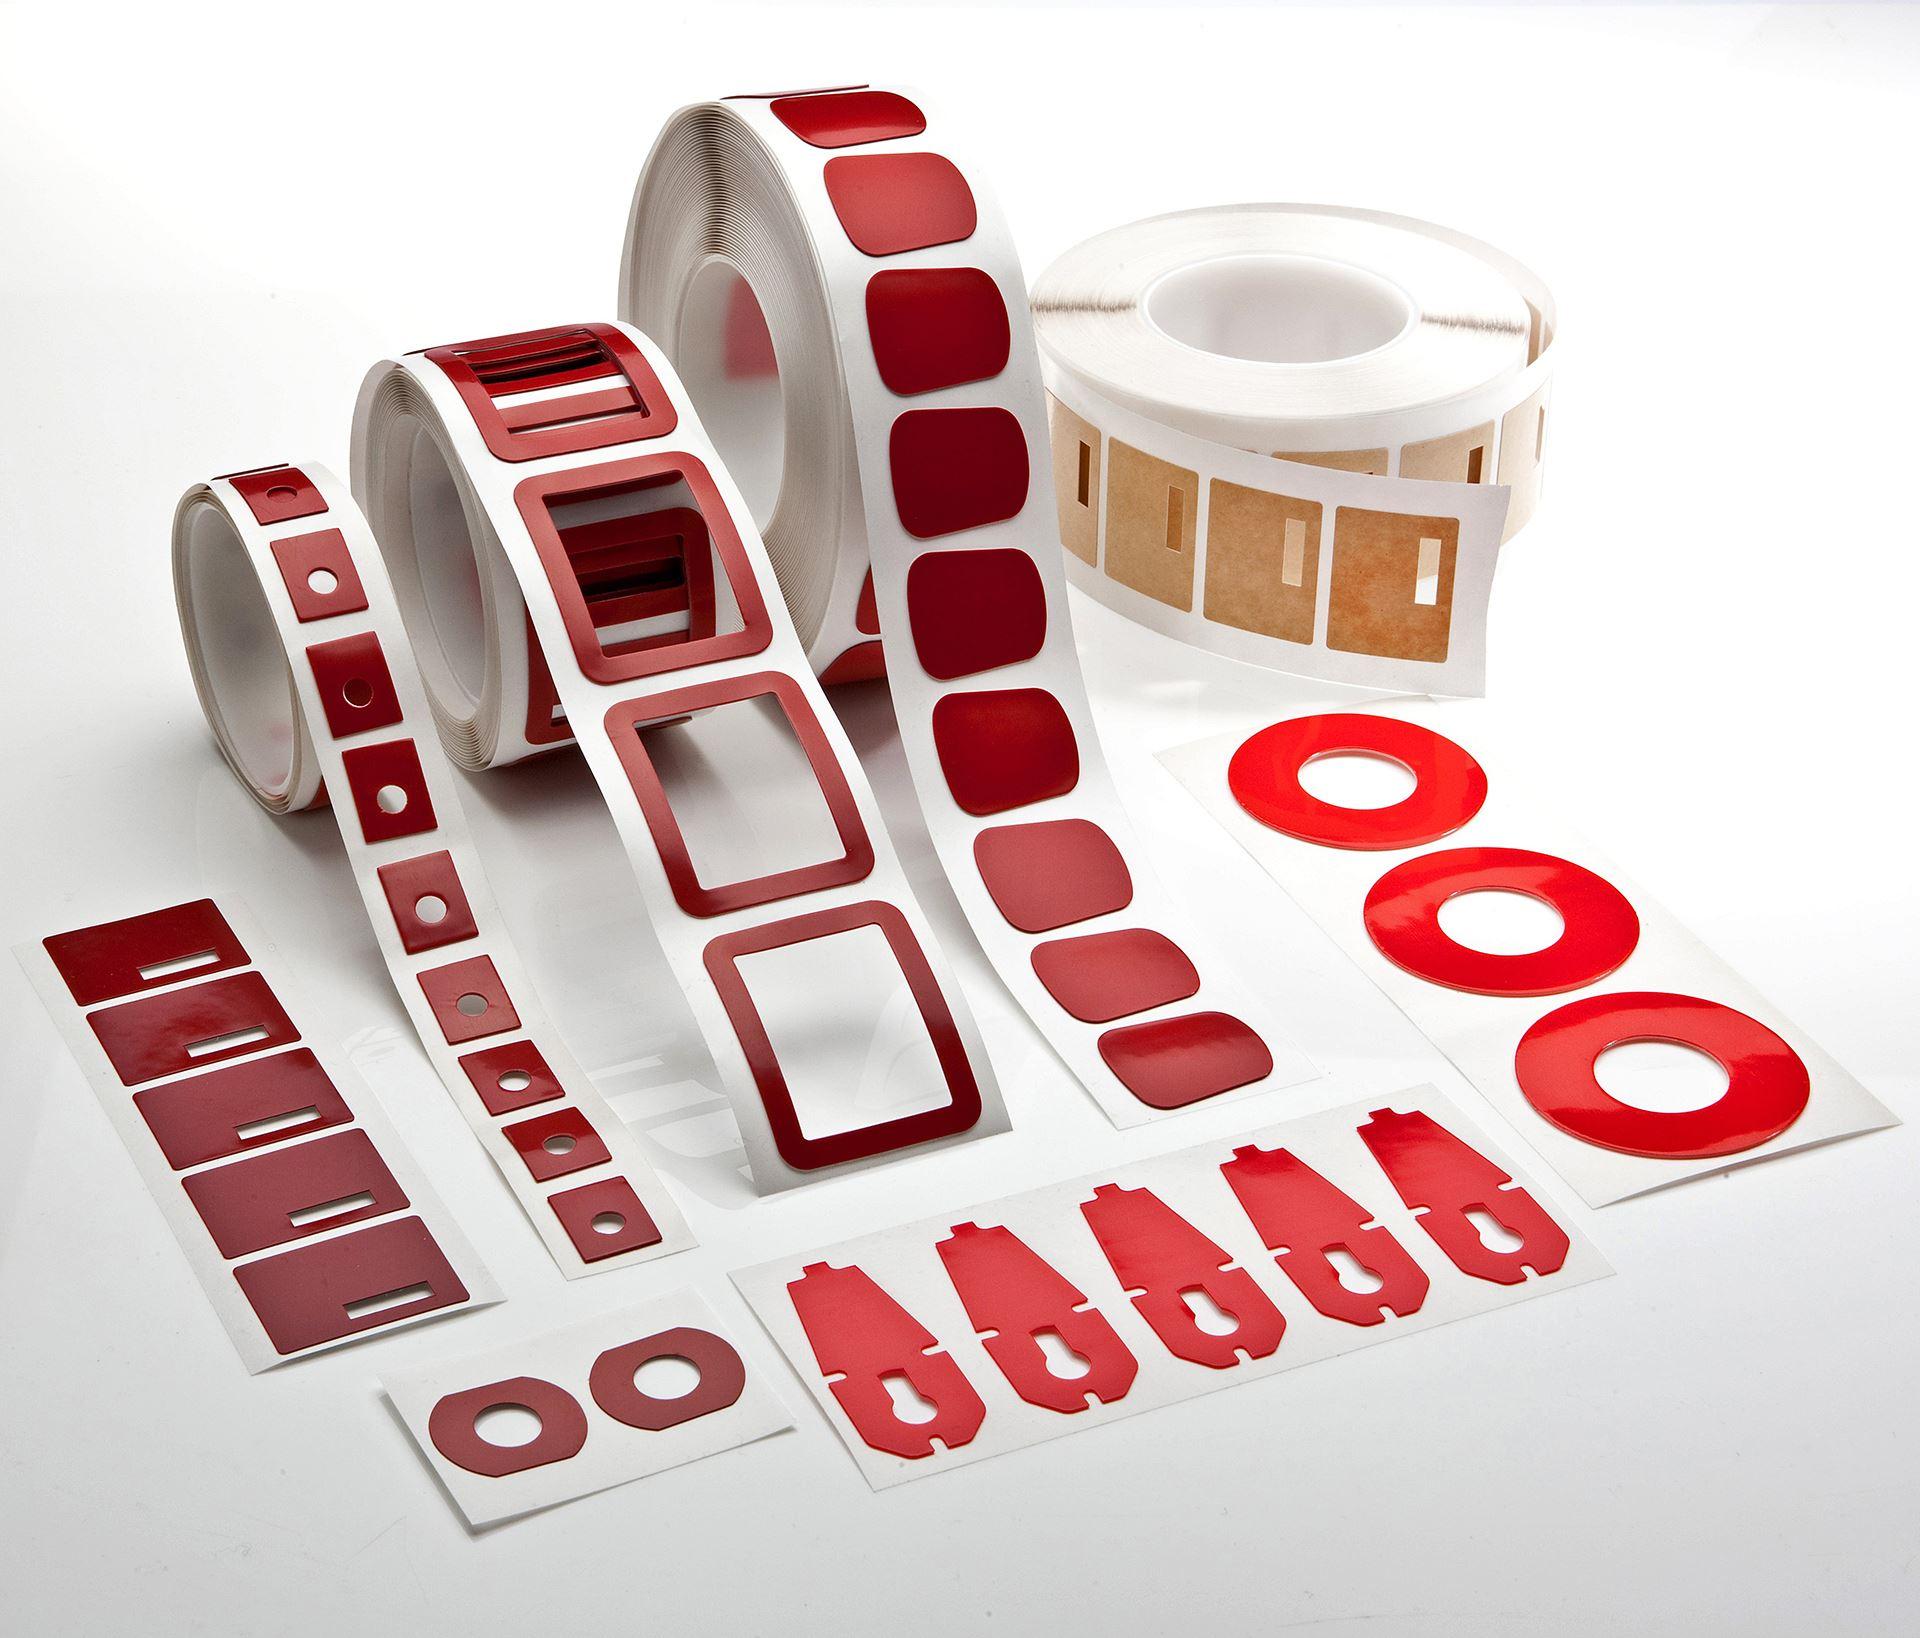 VOLZ® TAPES Maßgeschneiderte Acrylschaum Formstanzteile optimieren die Produktionszyklen.